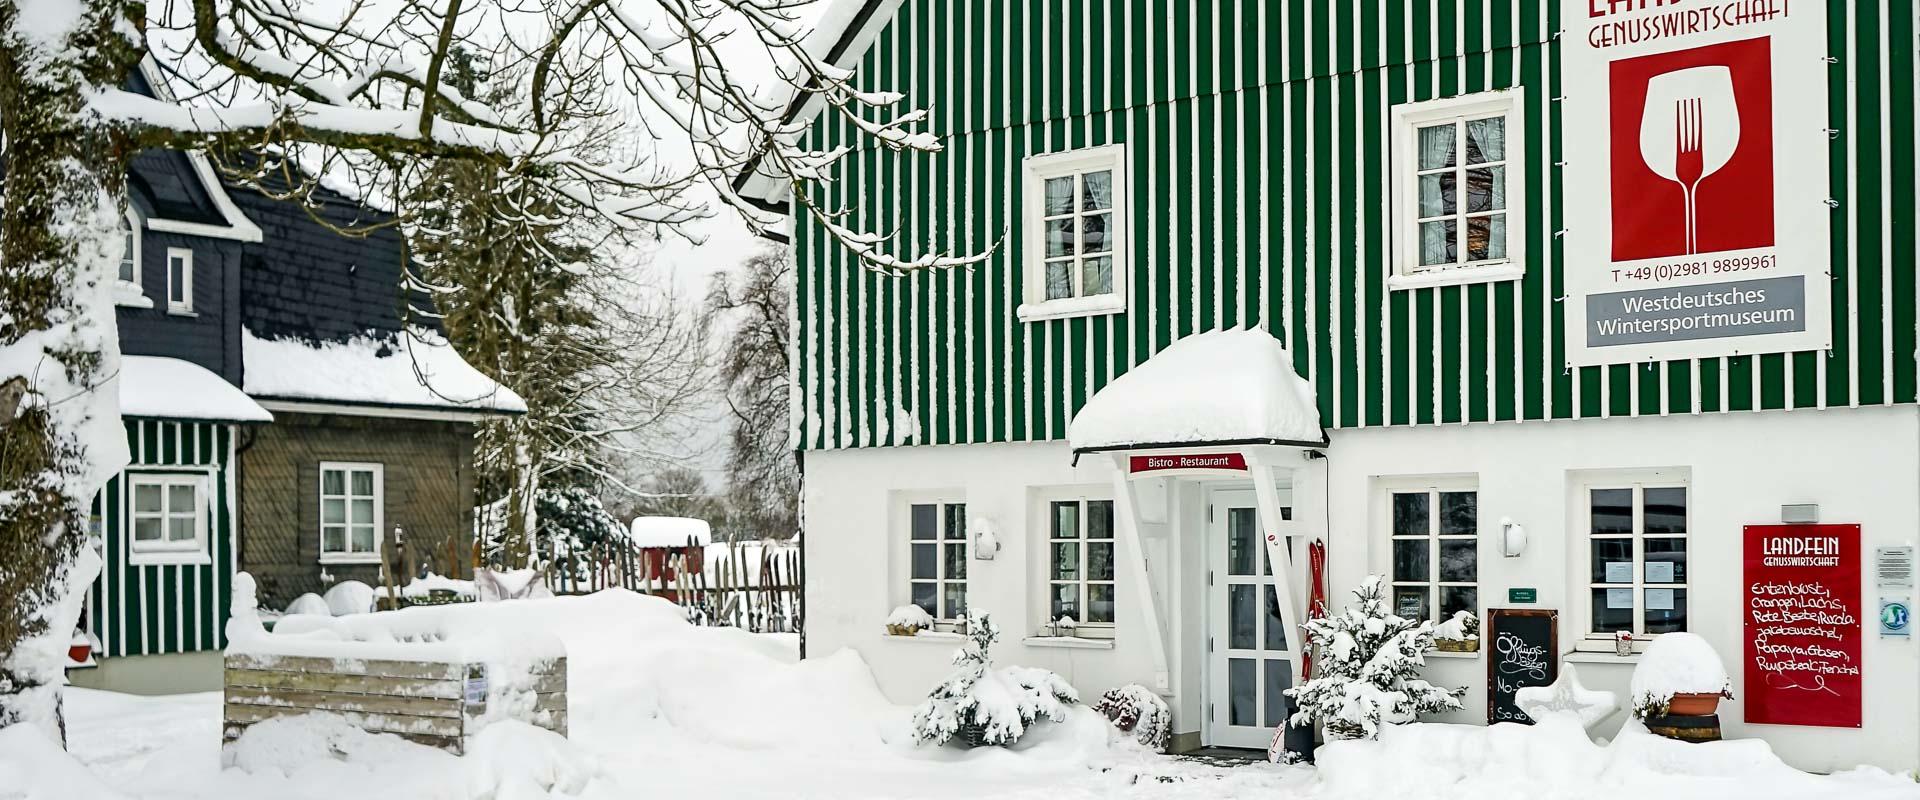 Schultenhof im Winter